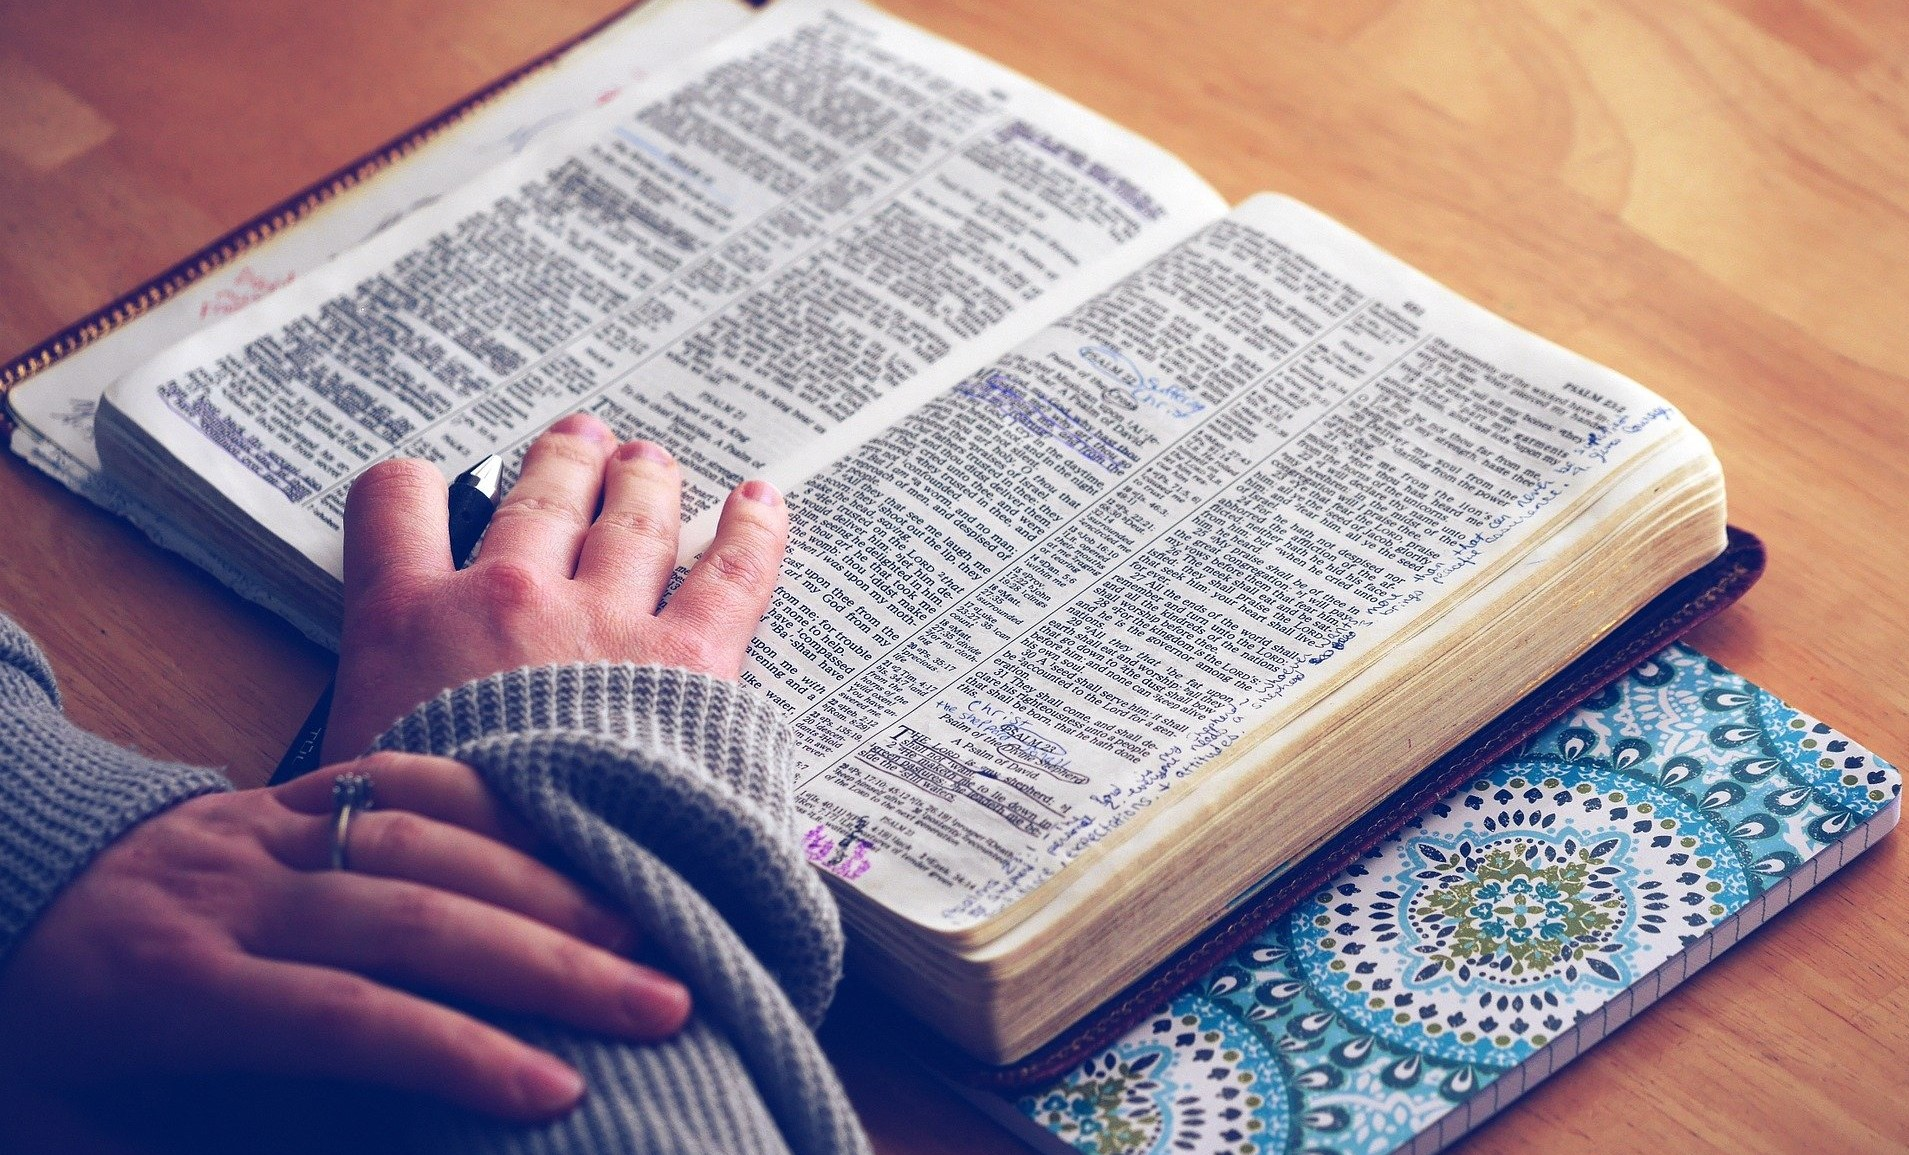 Bíblia é reconhecida como patrimônio cultural e imaterial pelo governo do Rio